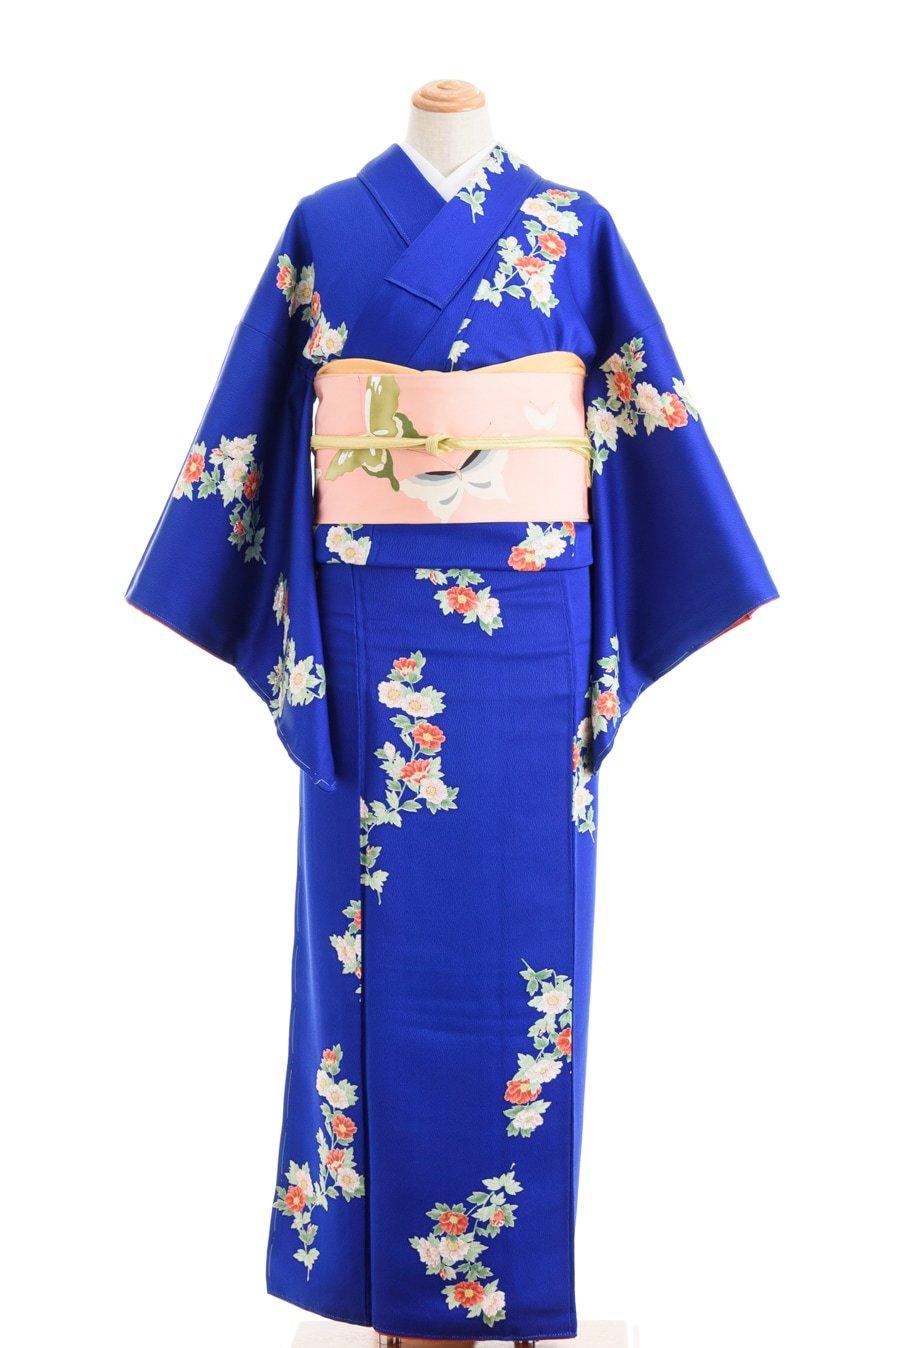 「鮮やかなブルー 小さな牡丹」の商品画像